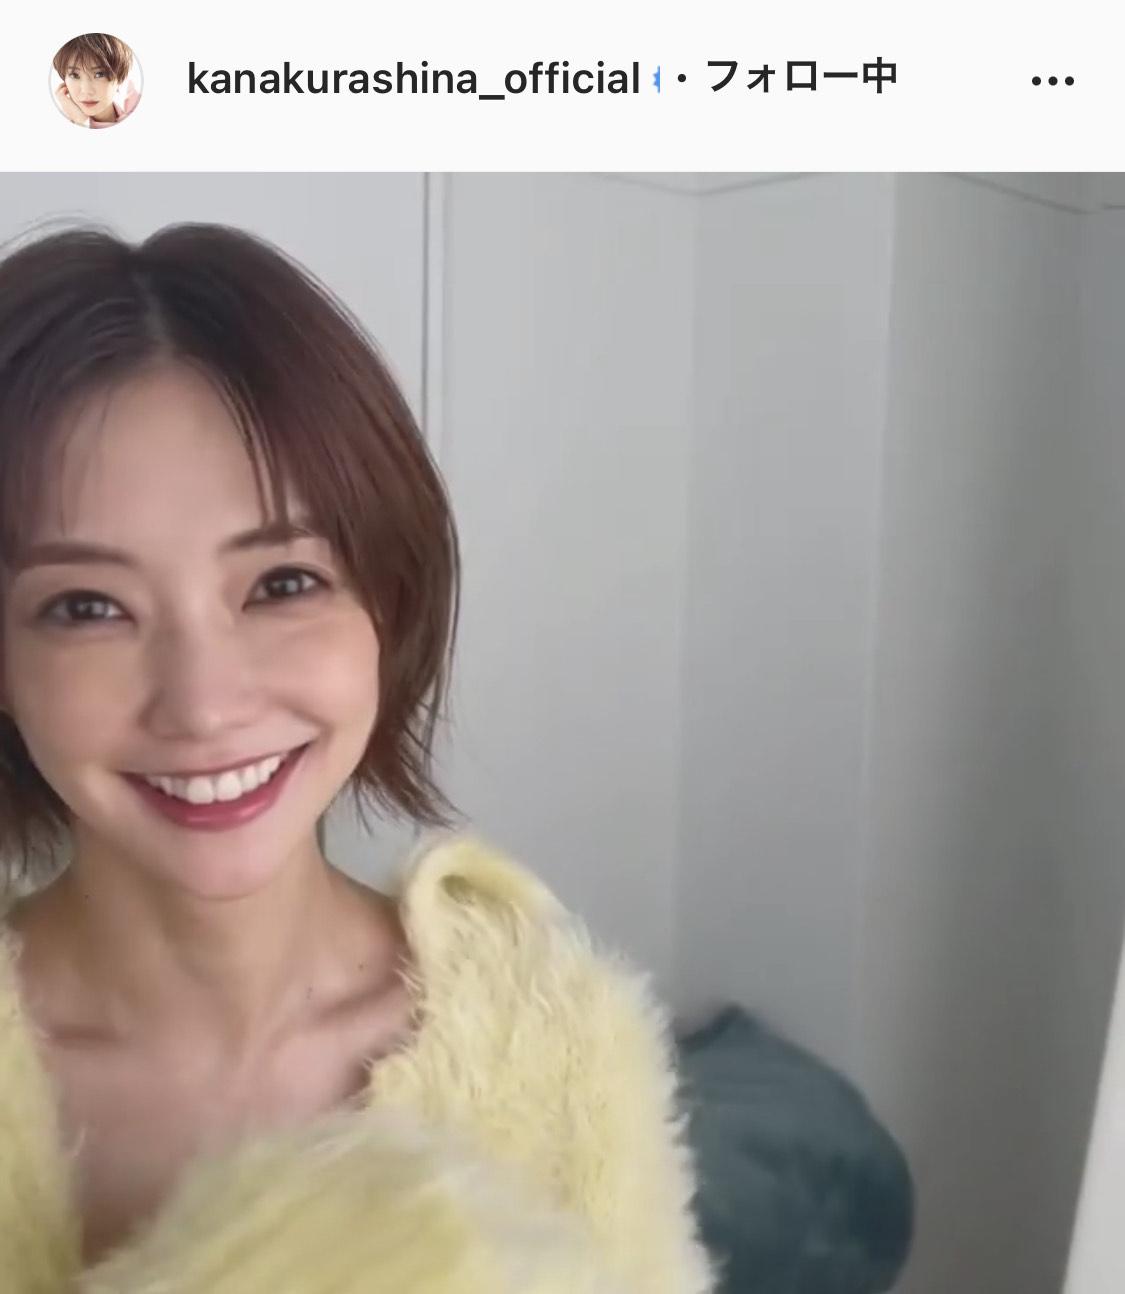 倉科カナ公式Instagram(kanakurashina_official)より